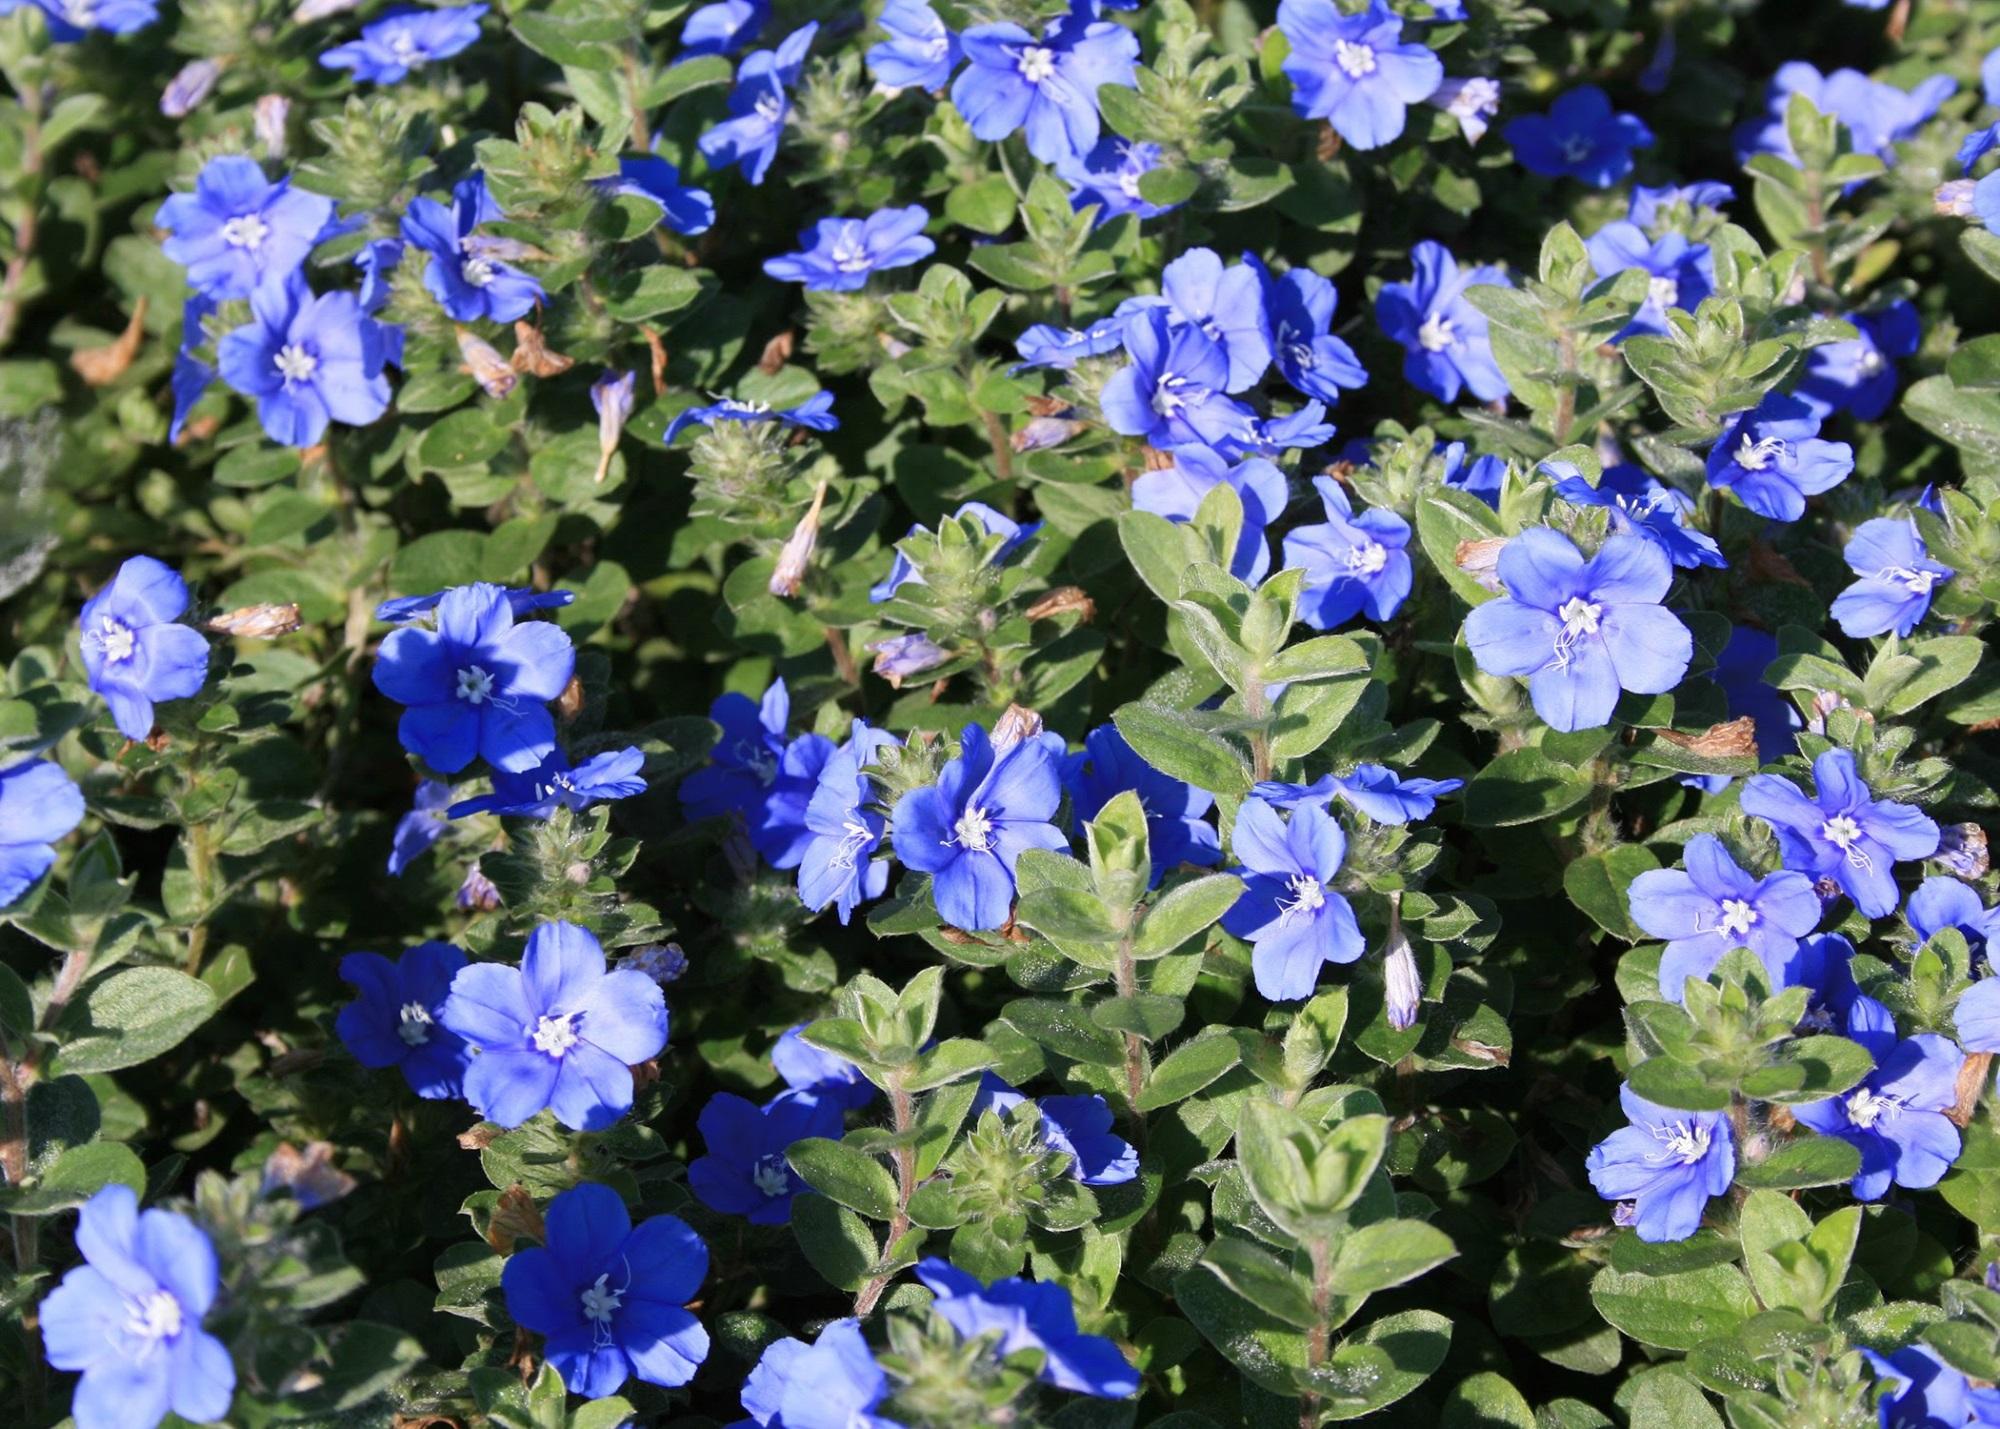 Tổng hợp các loại hoa dễ trồng quanh năm nở rực rỡ rất được ưa chuộng - Ảnh 4